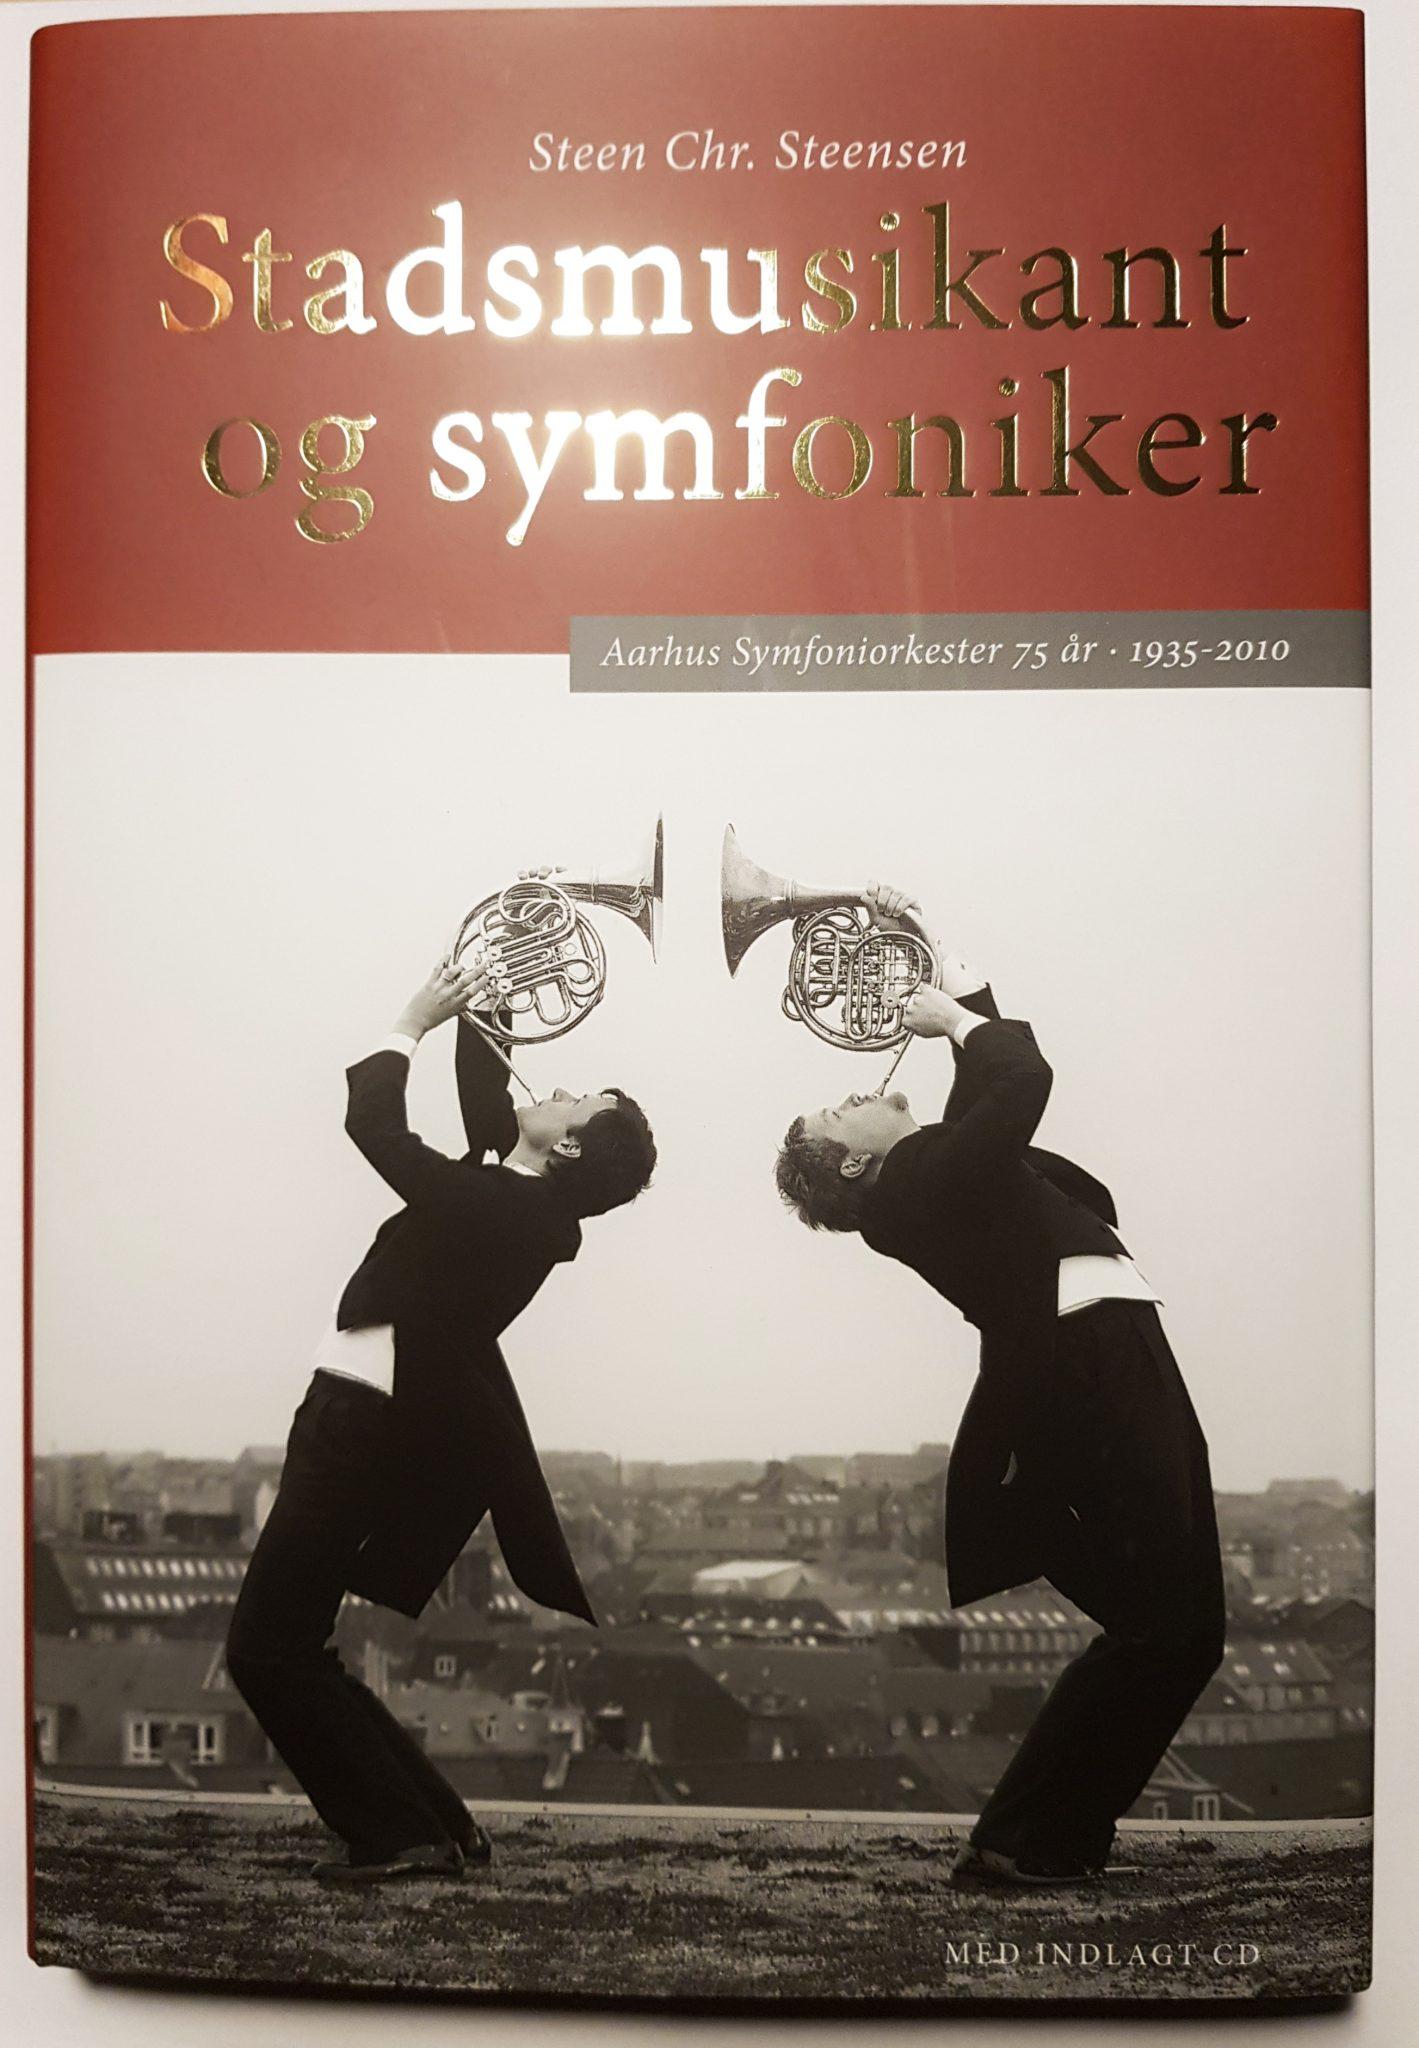 Stadsmusikant og symfoniker - Aarhus Symfoniorkester 75 år 1935-2010